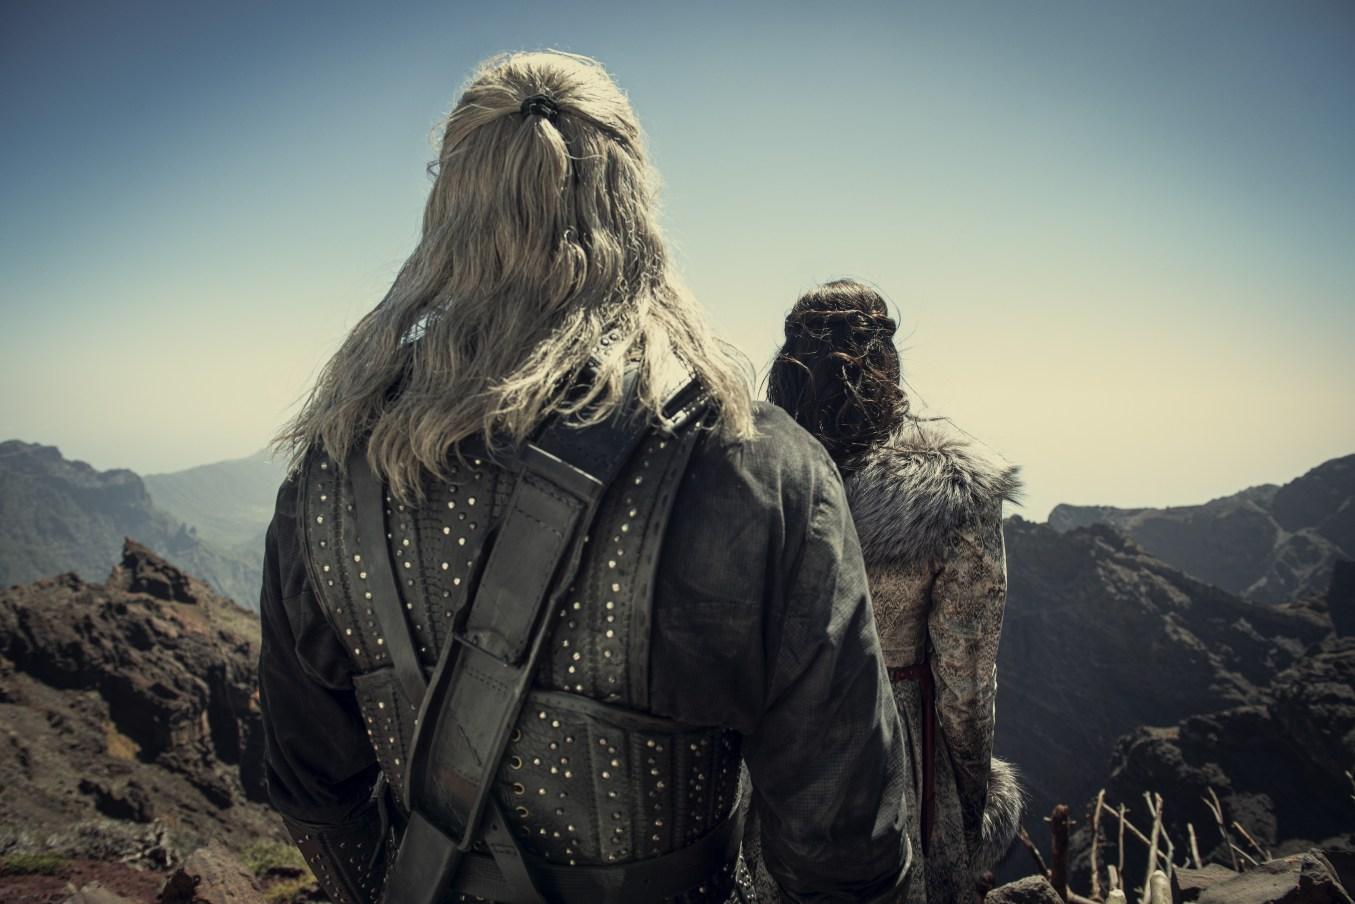 Wiedźmin: sezon 2 - spekulacje. Co może się wydarzyć dalej?